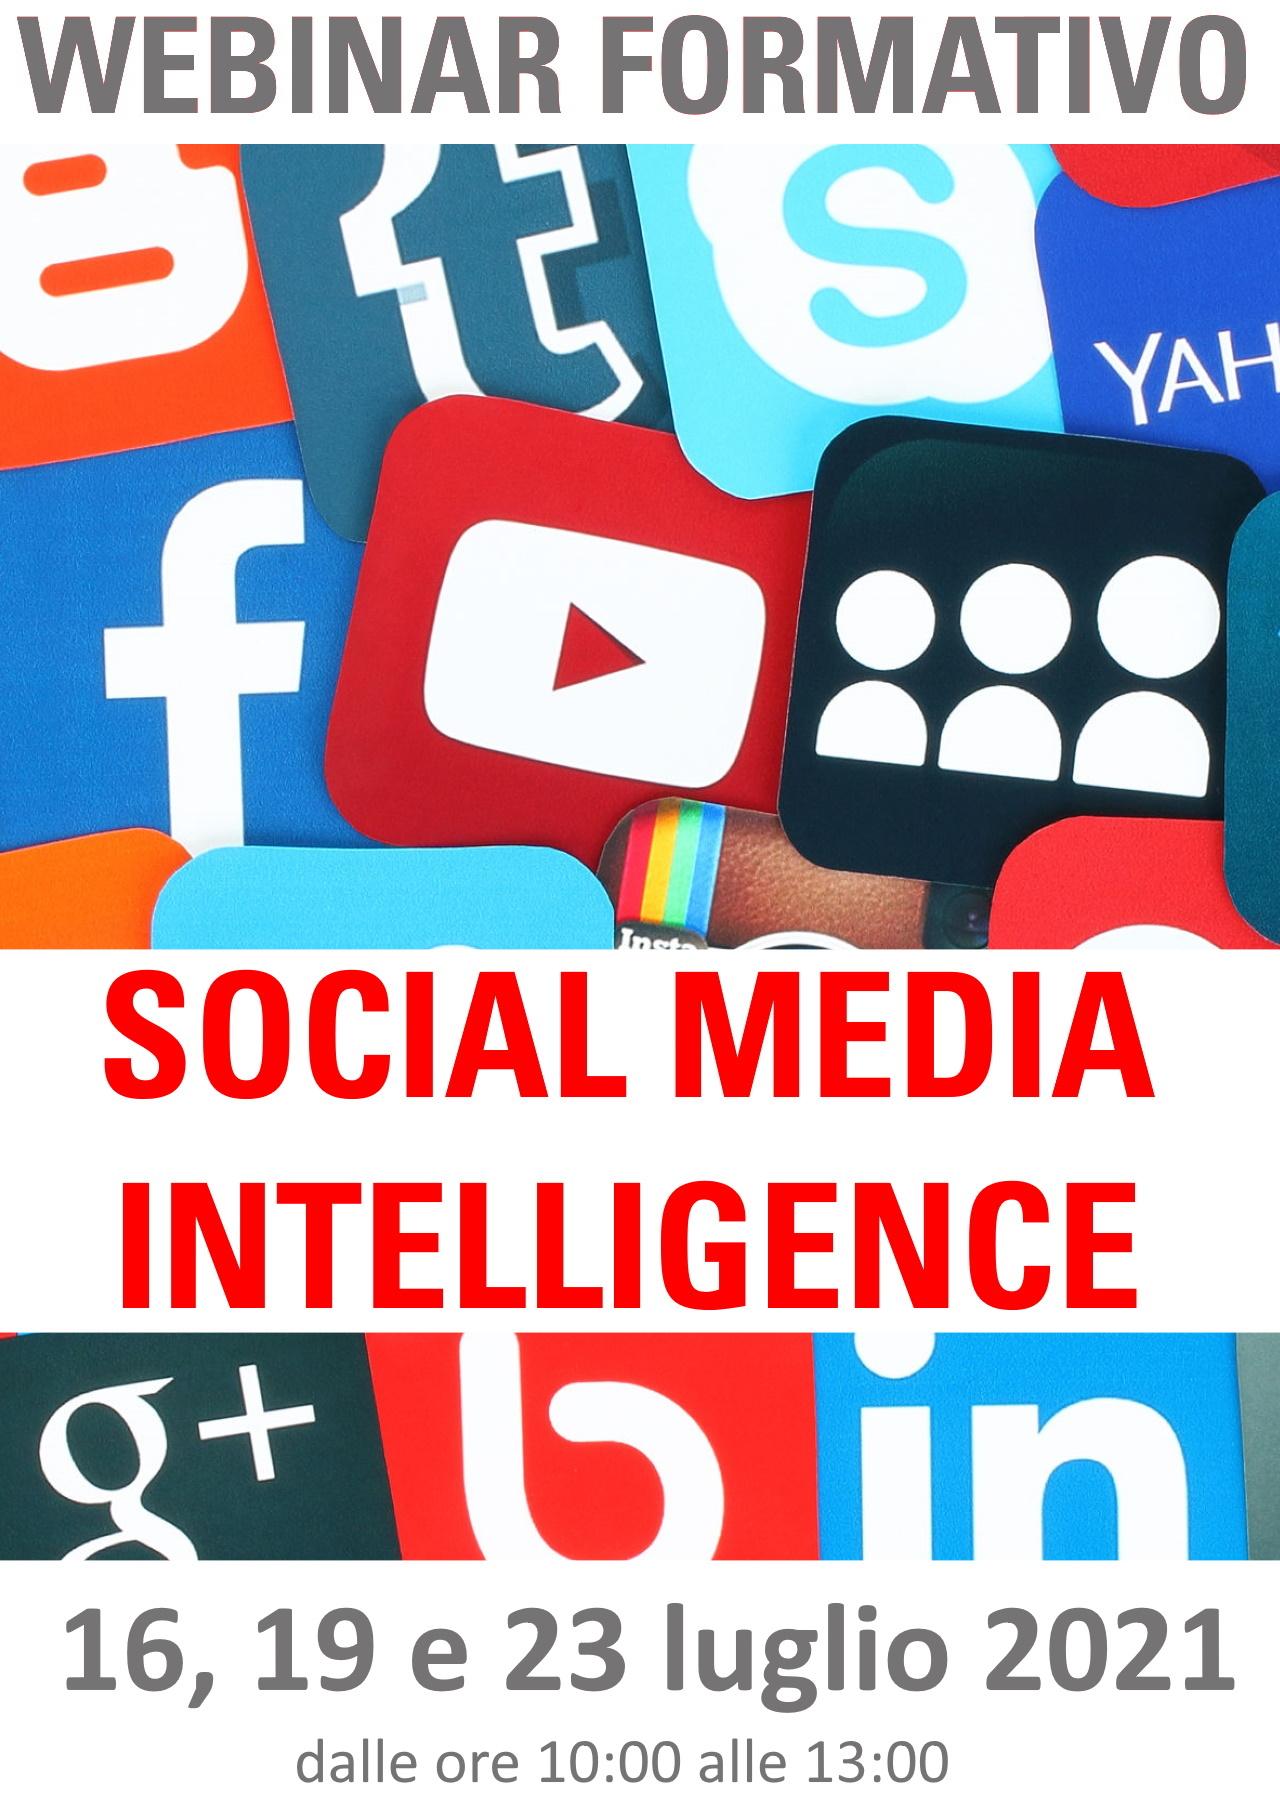 Corso di formazione SOCIAL MEDIA INTELLIGENCE